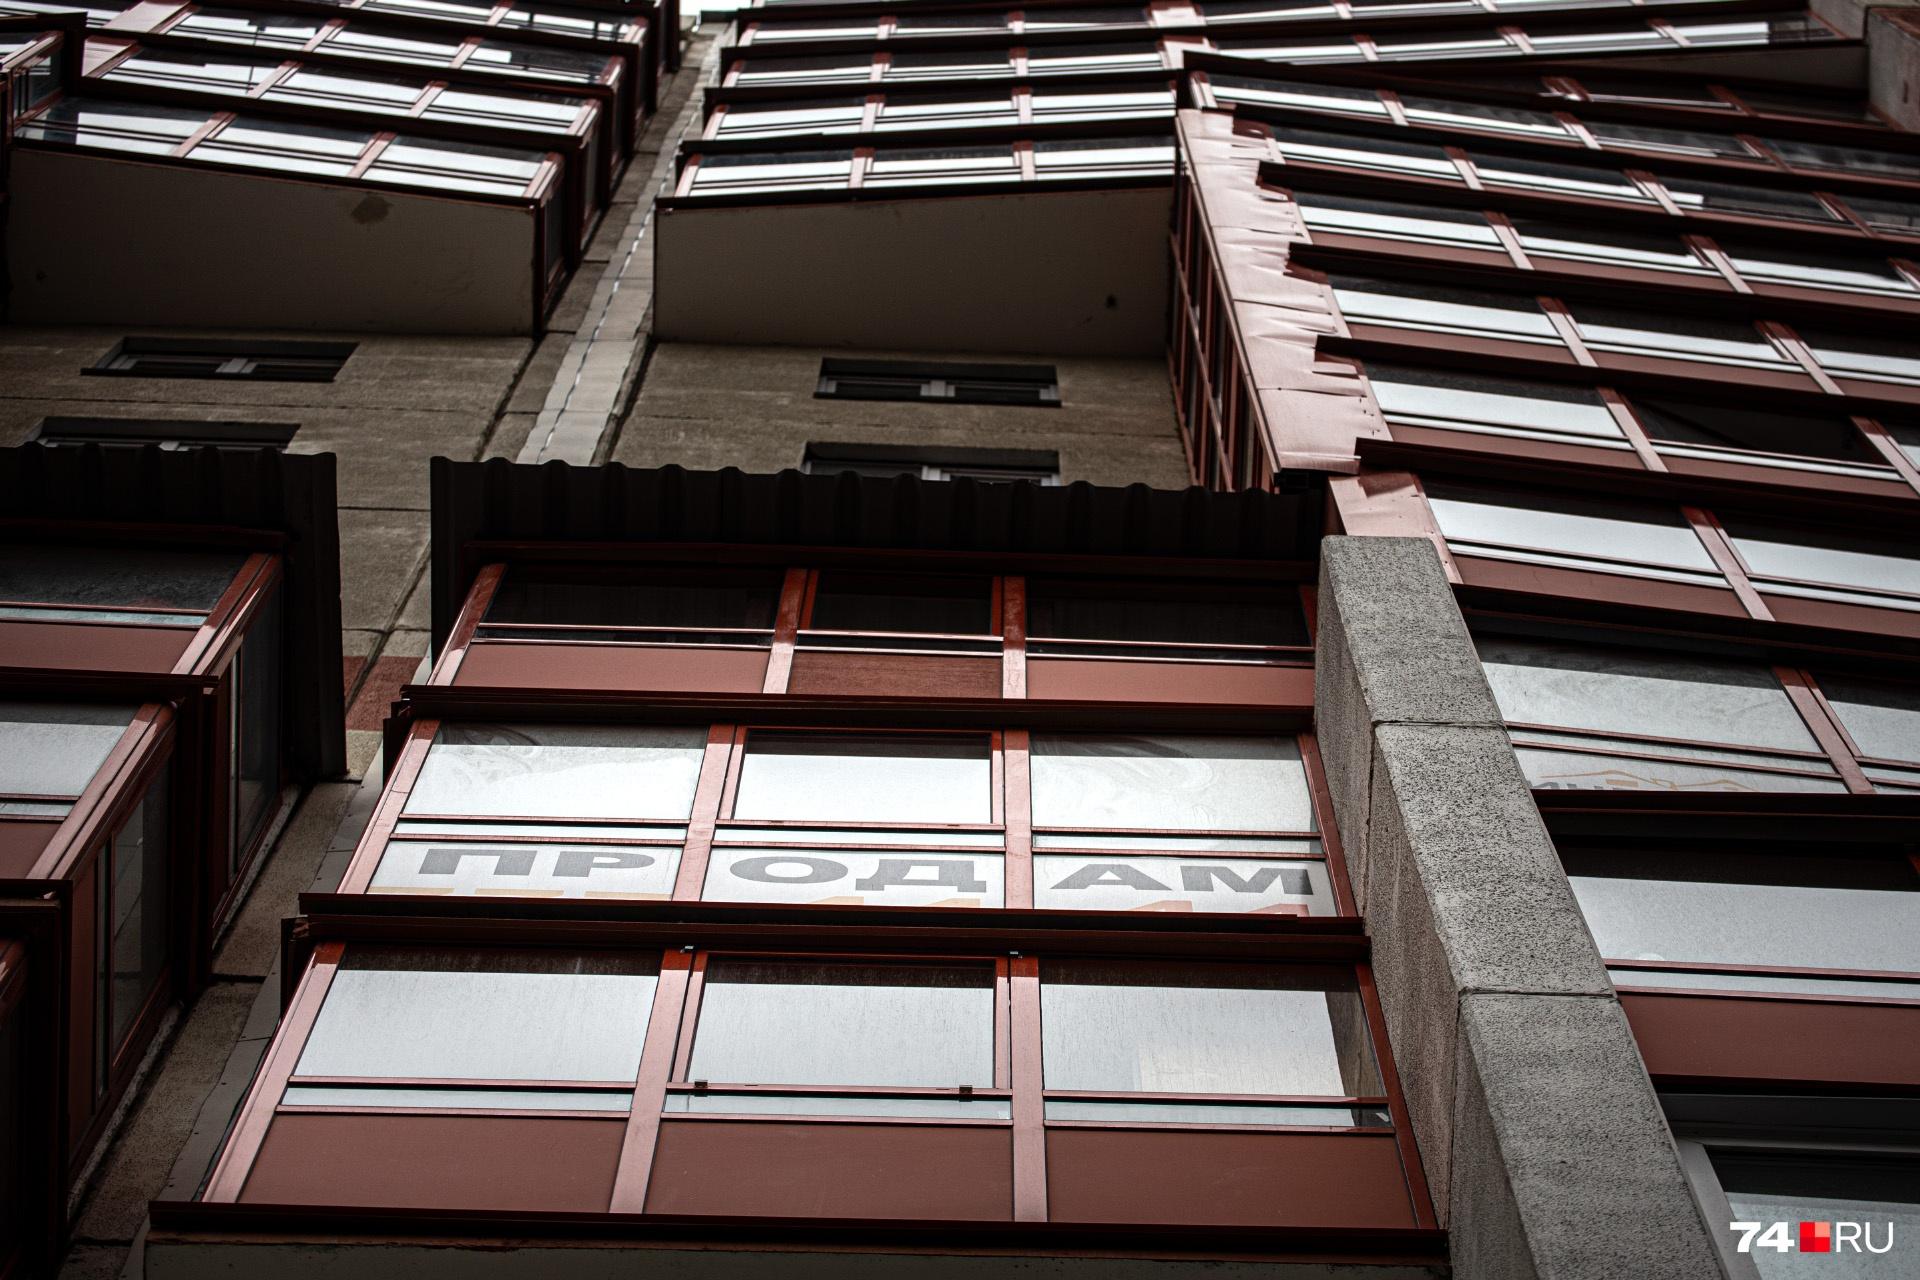 Вторичка долго провисала, но сейчас квартиры с разумной ценой уходят влёт